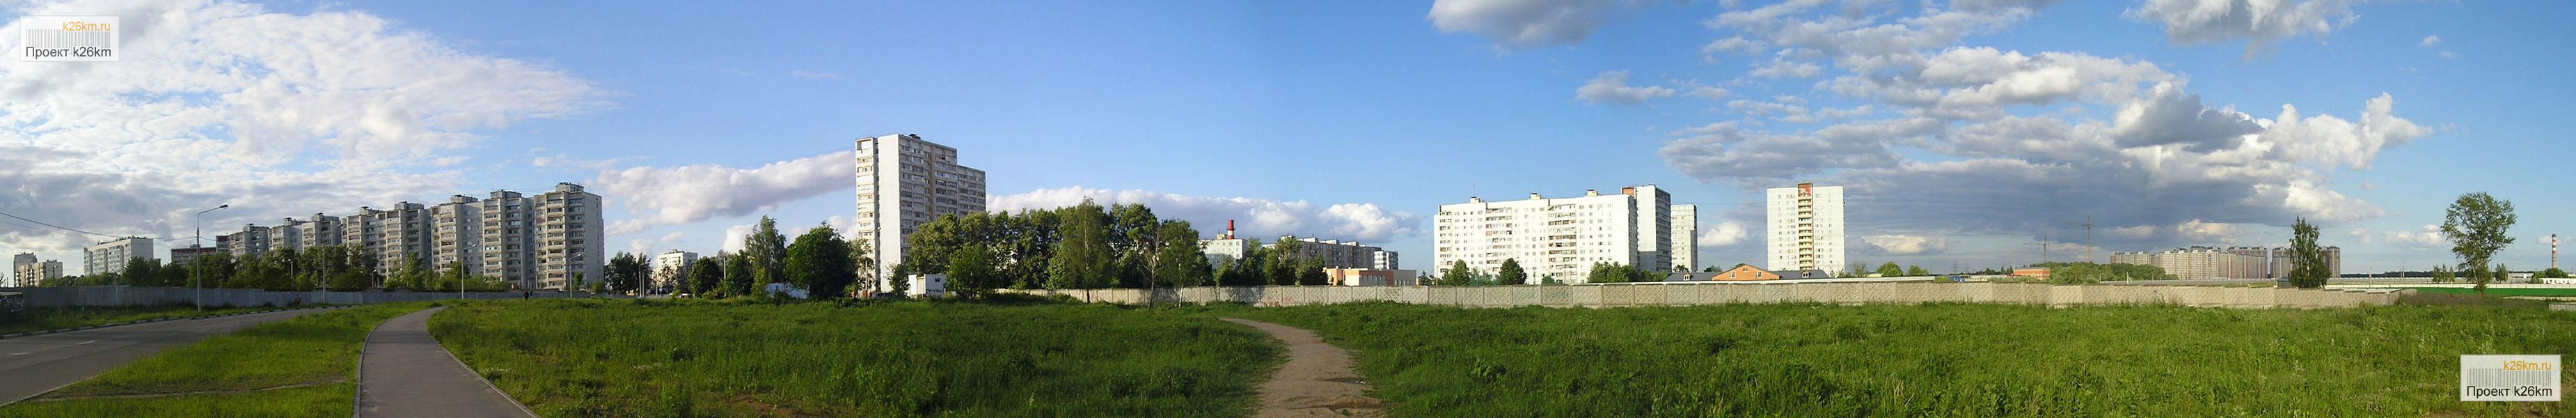 фотографии города: